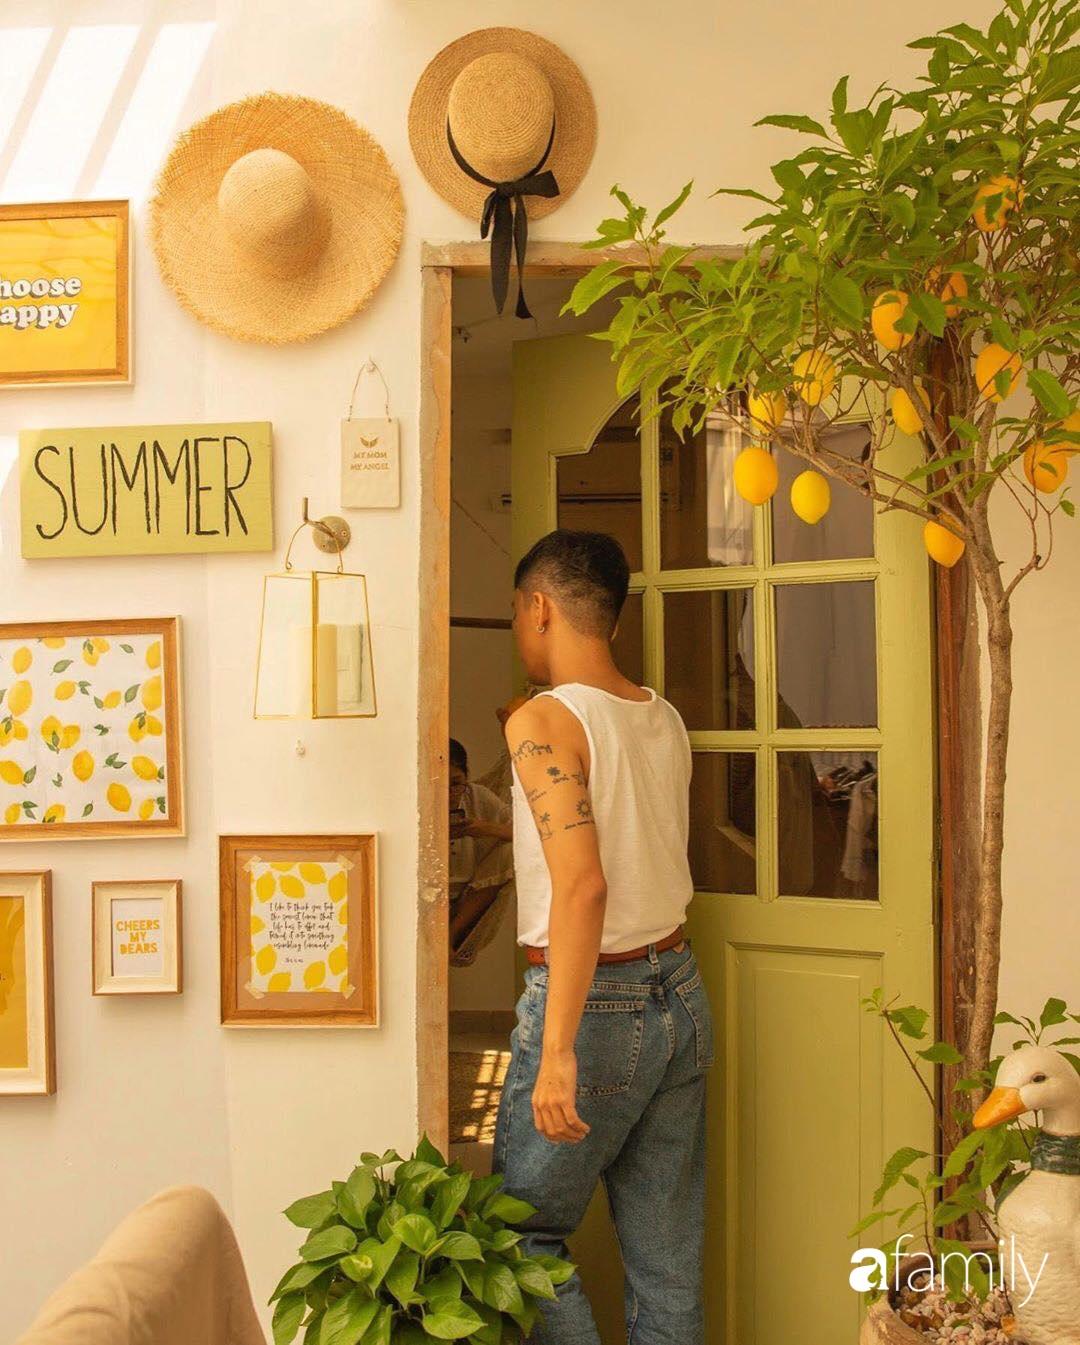 Chàng trai 9x không ngại 'canh sale' mua đồ giá rẻ để cải tạo lại căn hộ của mình ở Sài Gòn - Ảnh 12